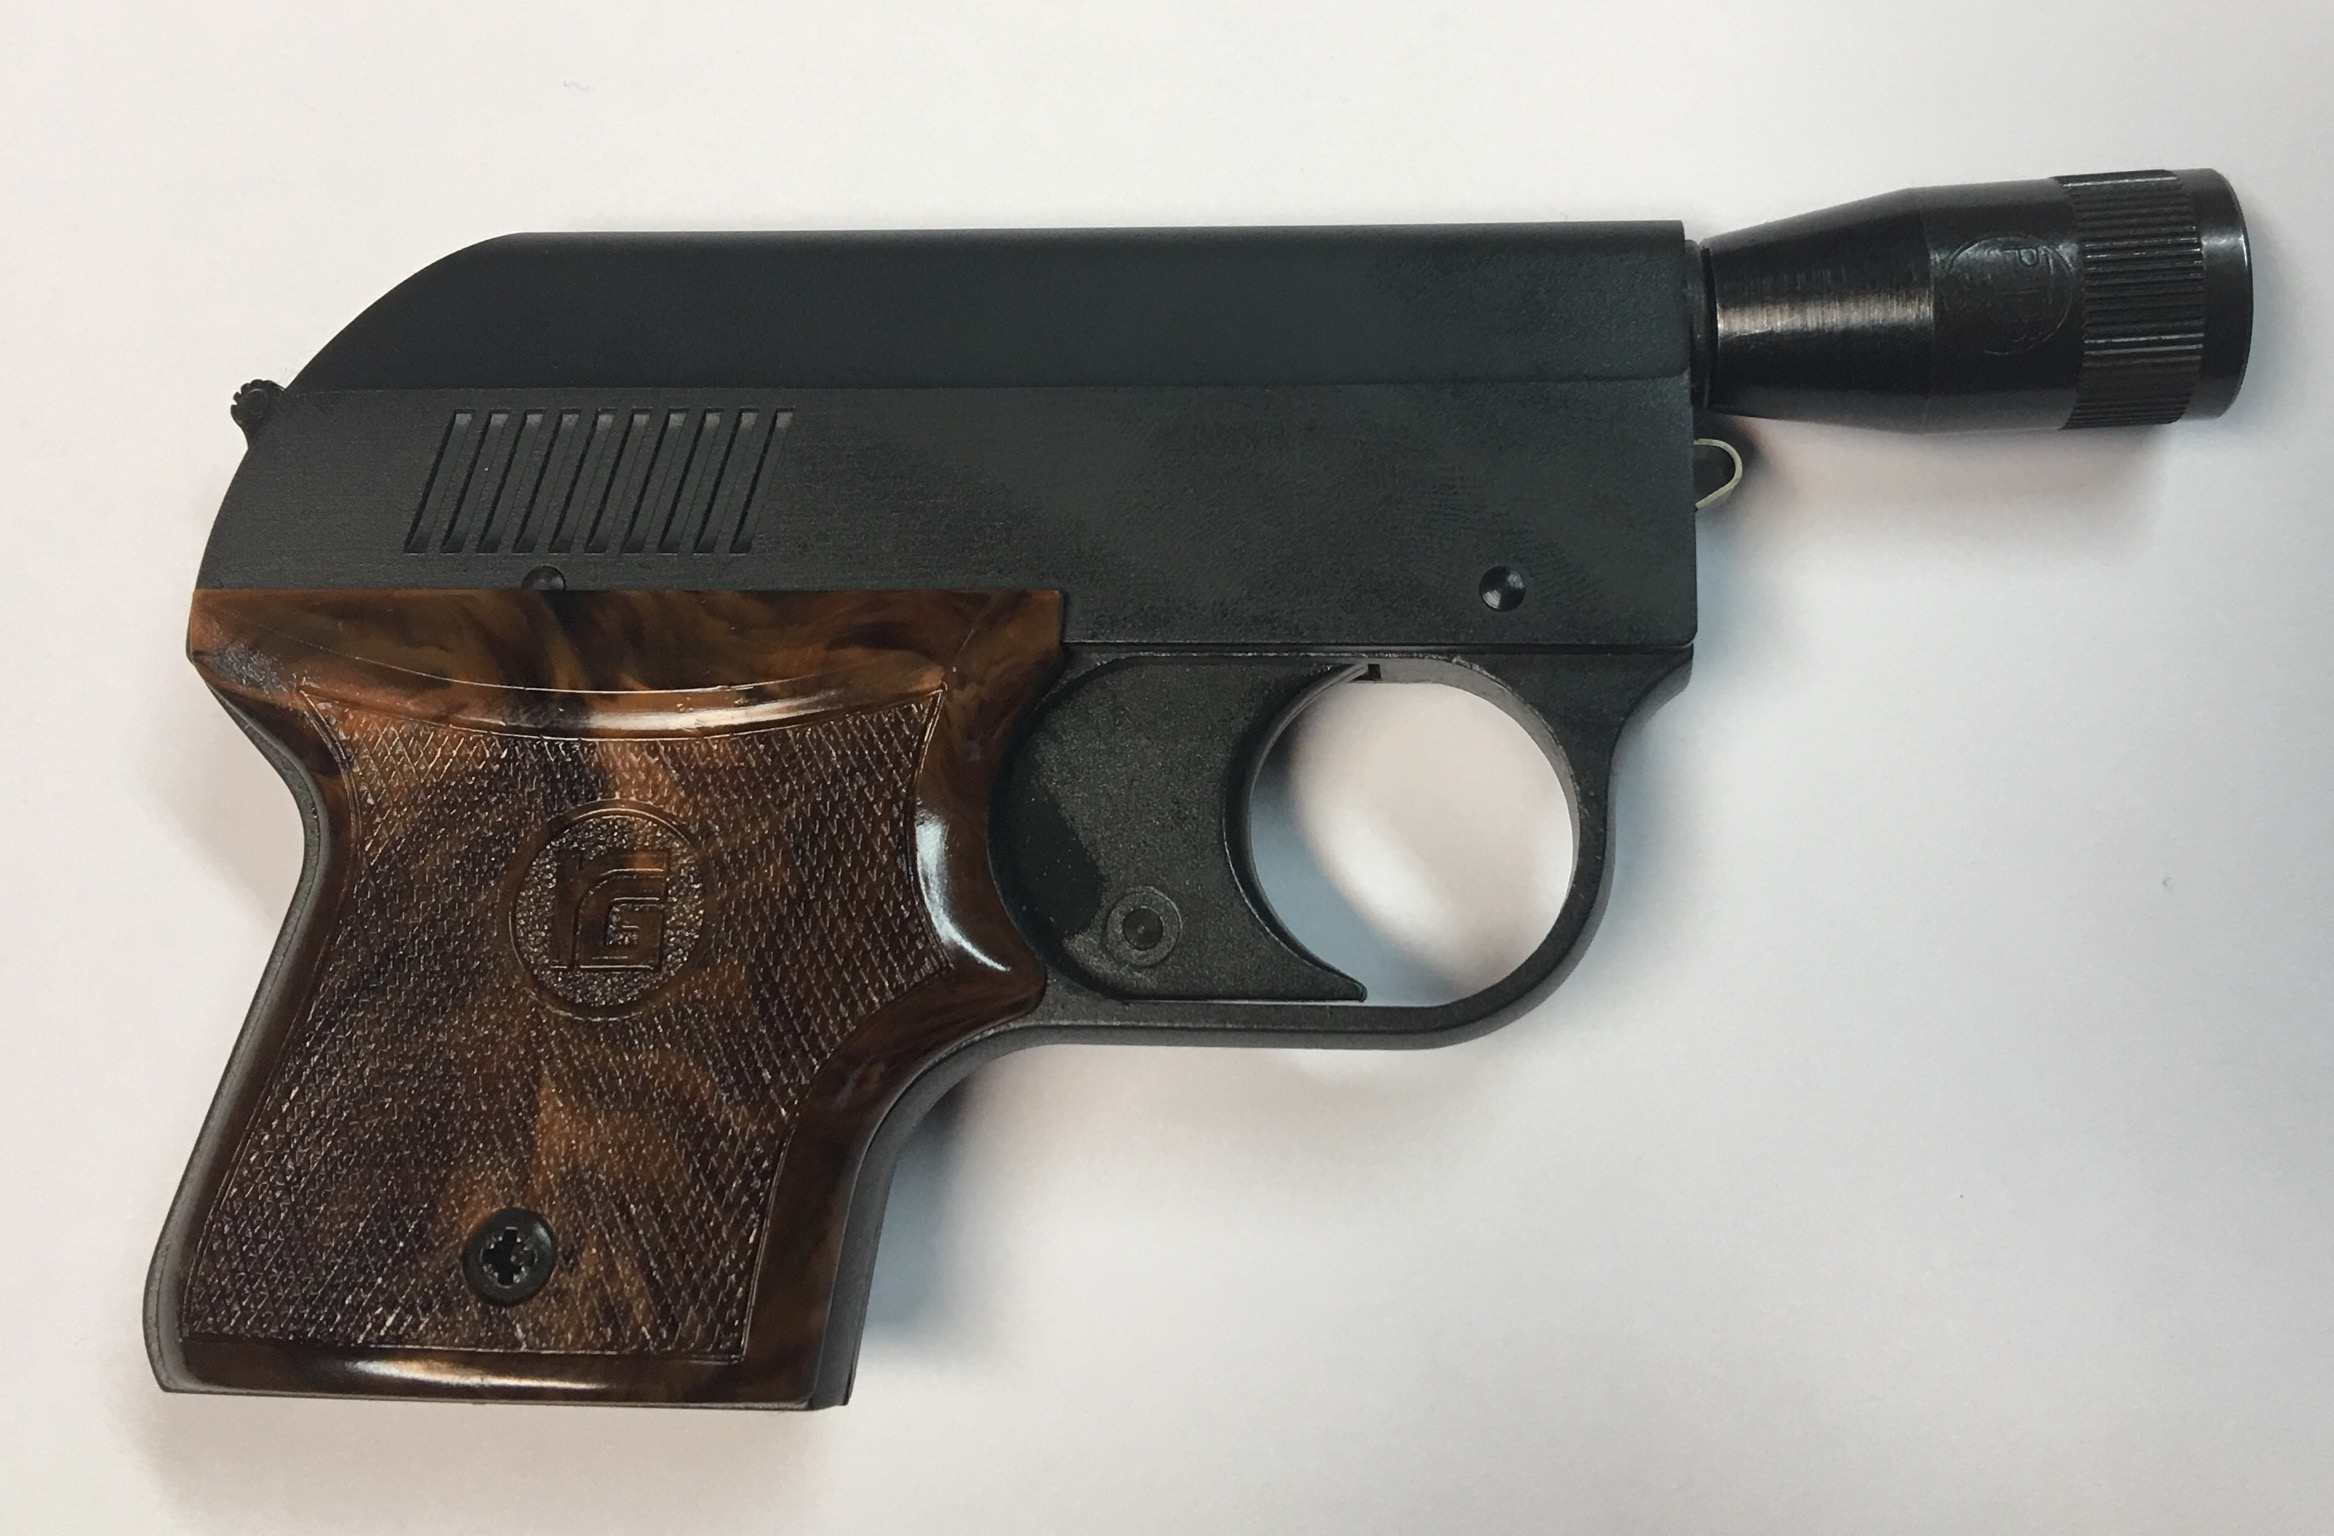 Signalpistole Rhöm RG3 von der rechten Seite